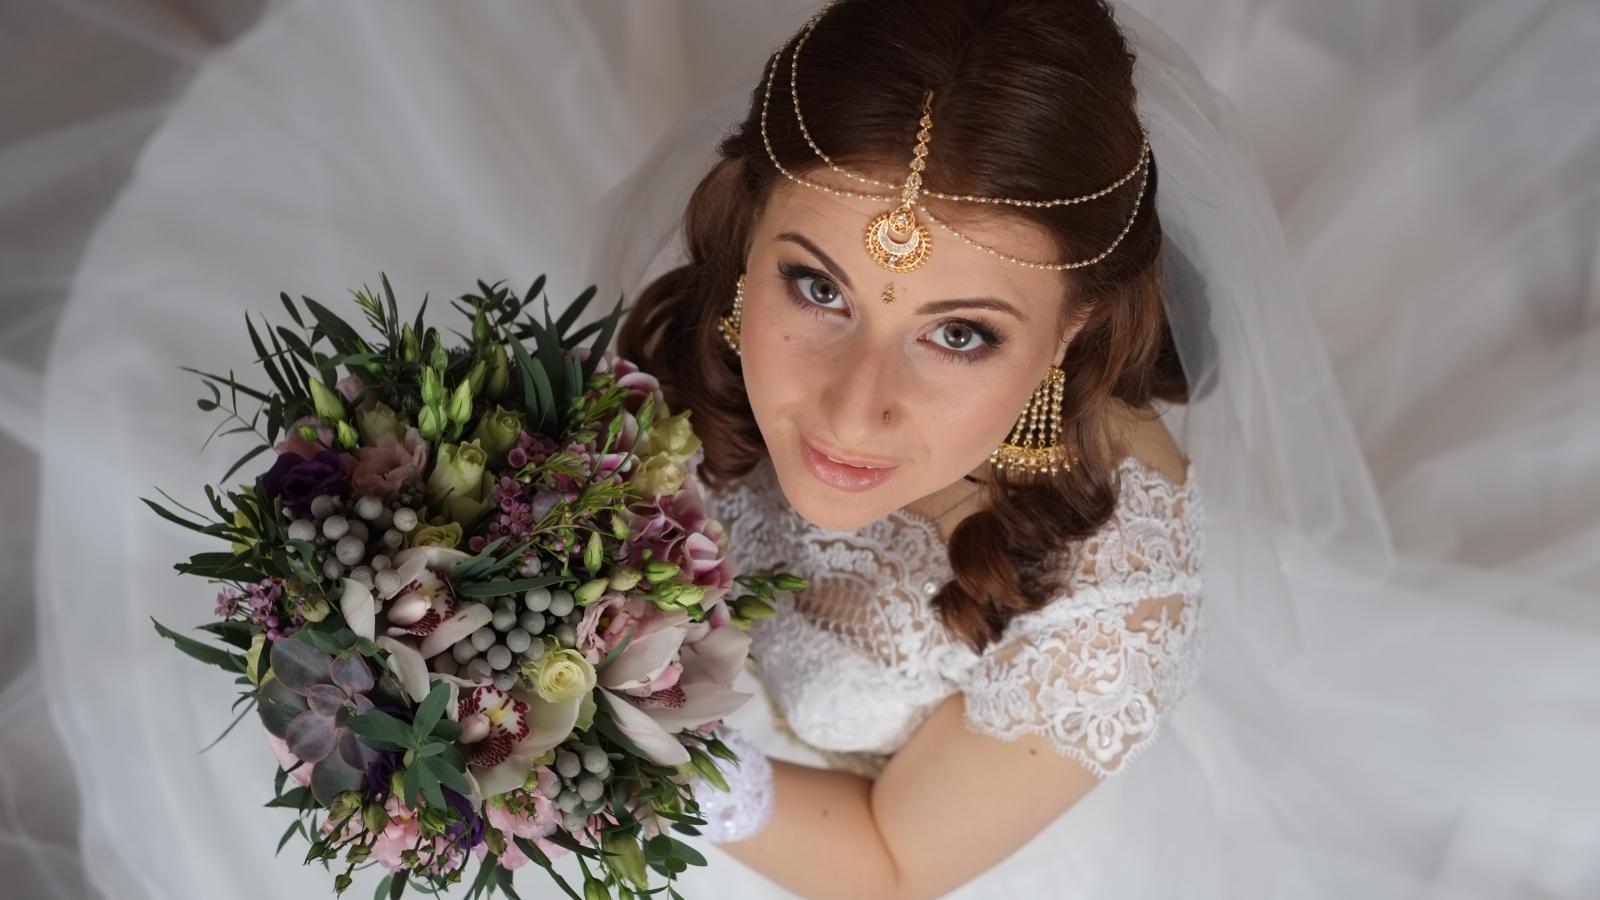 Peinados de novias - 1600x900